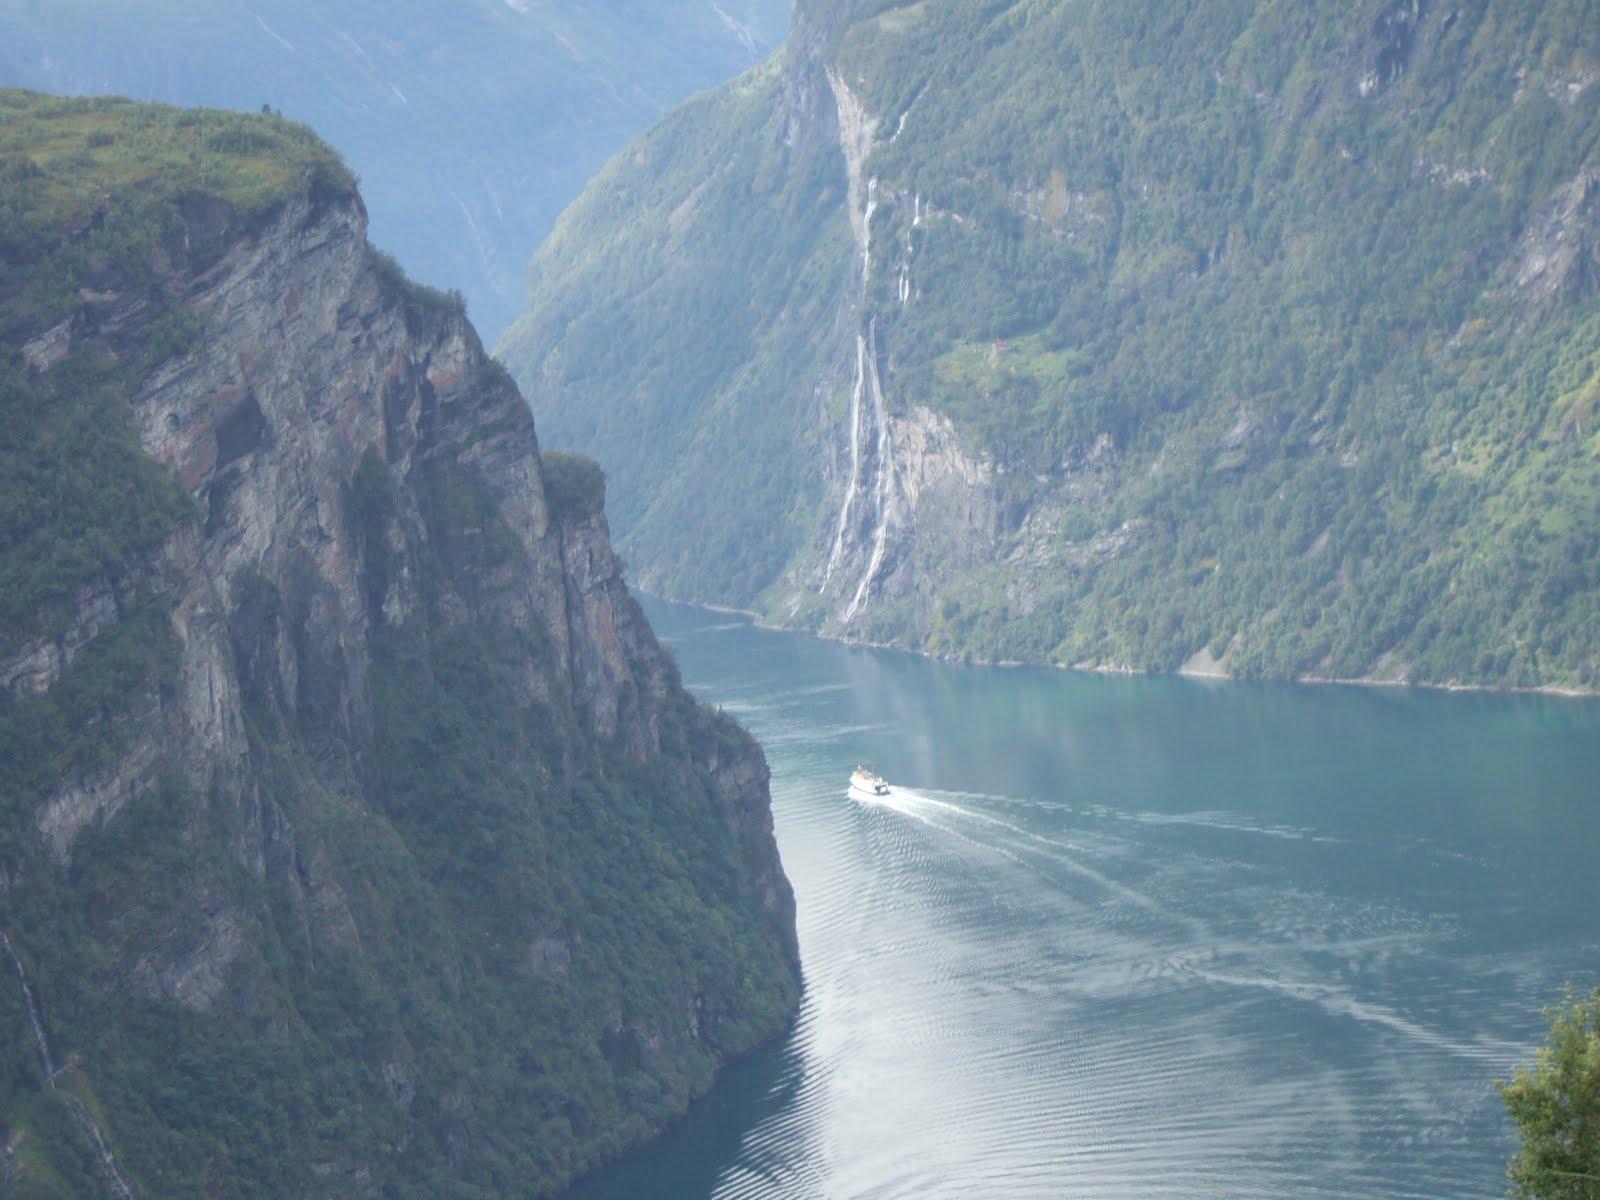 Les fjords en Norvège et dans le reste du monde